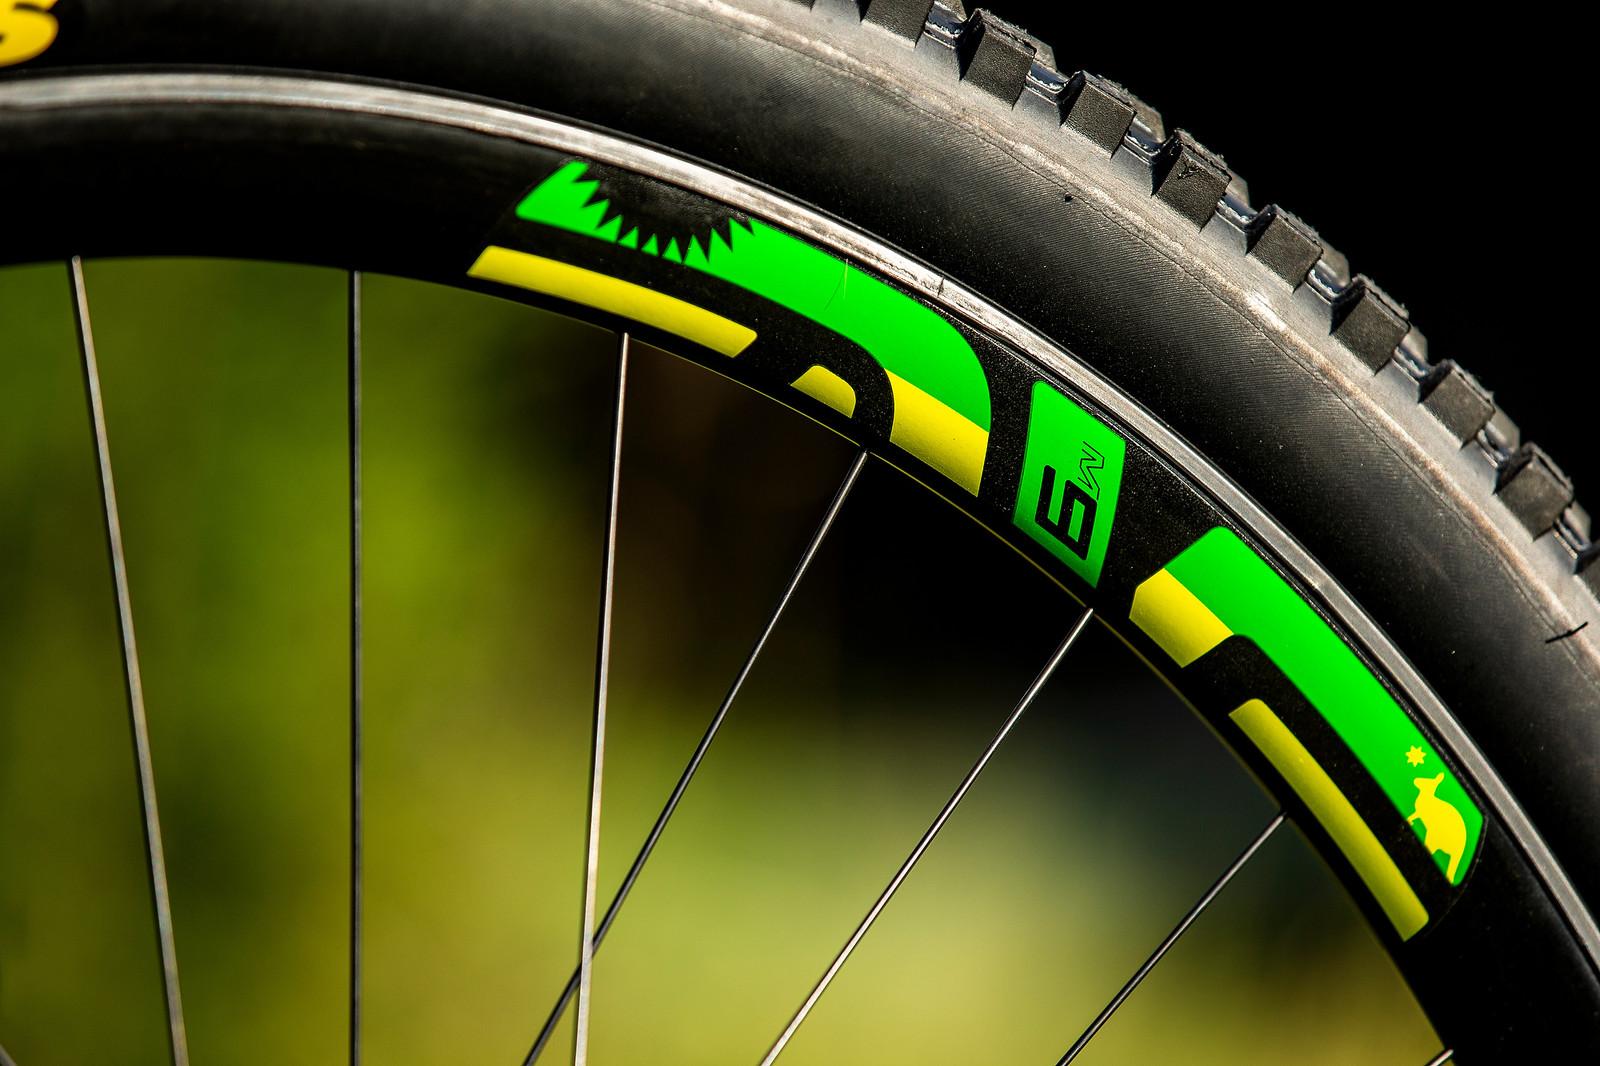 ENVE M930 Wheels - WORLD CHAMPS BIKE - Jack Moir's Intense M29 - Mountain Biking Pictures - Vital MTB